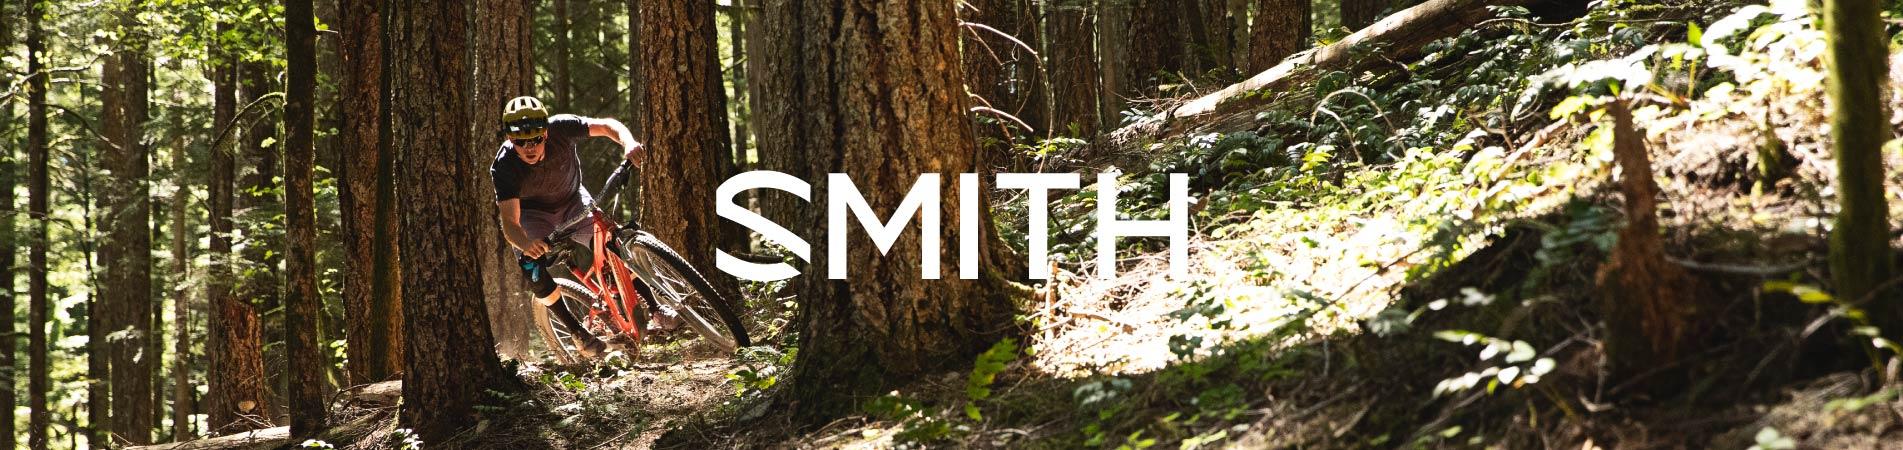 smith-v1r2.jpg